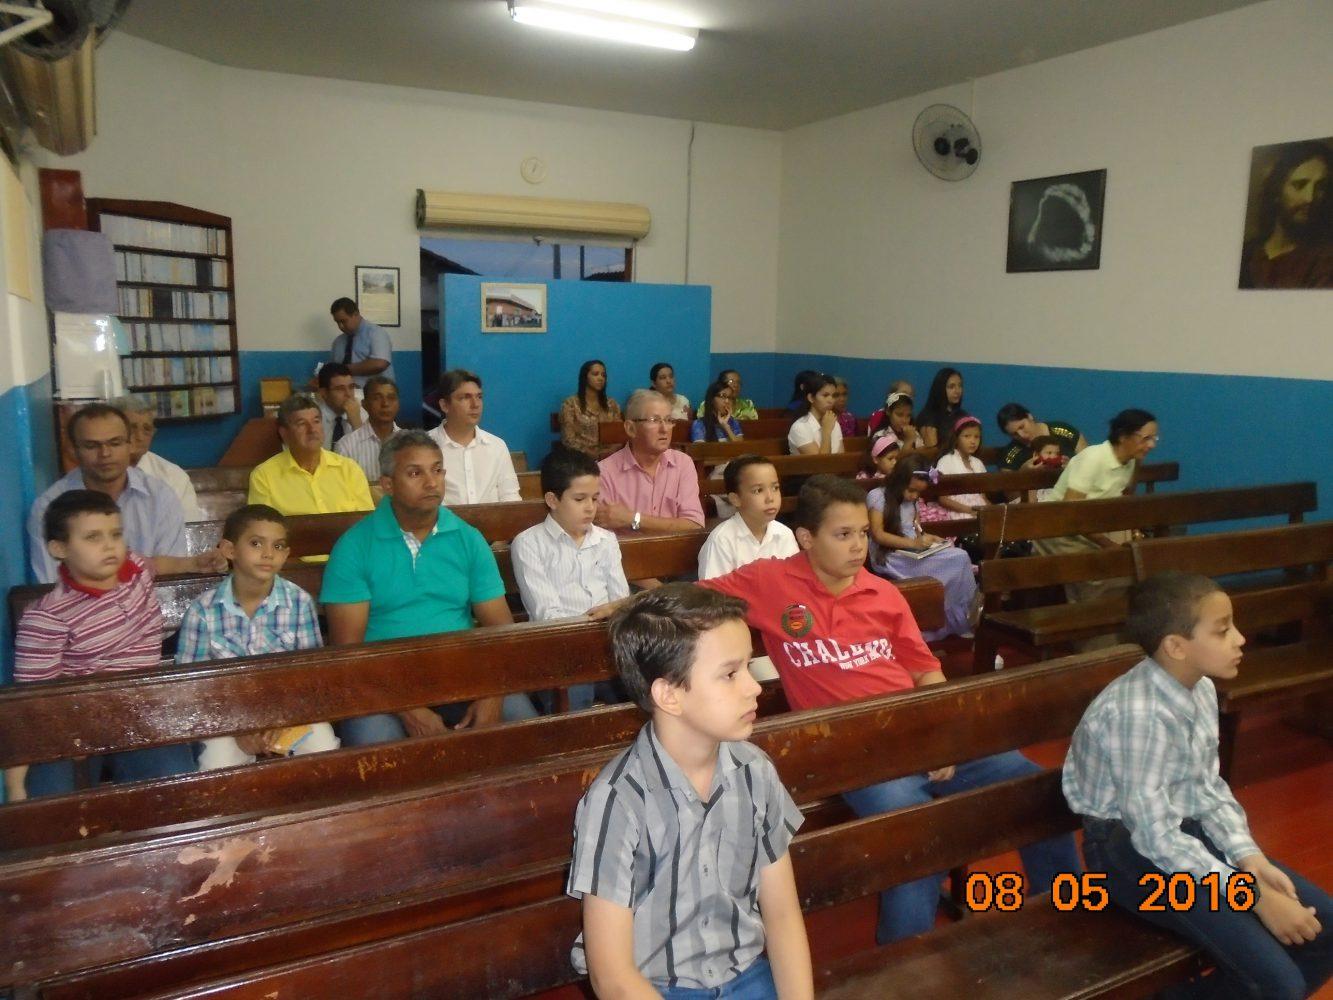 Tabernáculo da Fé - Ituiutaba-MG - Igreja - Comemoração 10 anos de ministério em Ituiutaba-MG